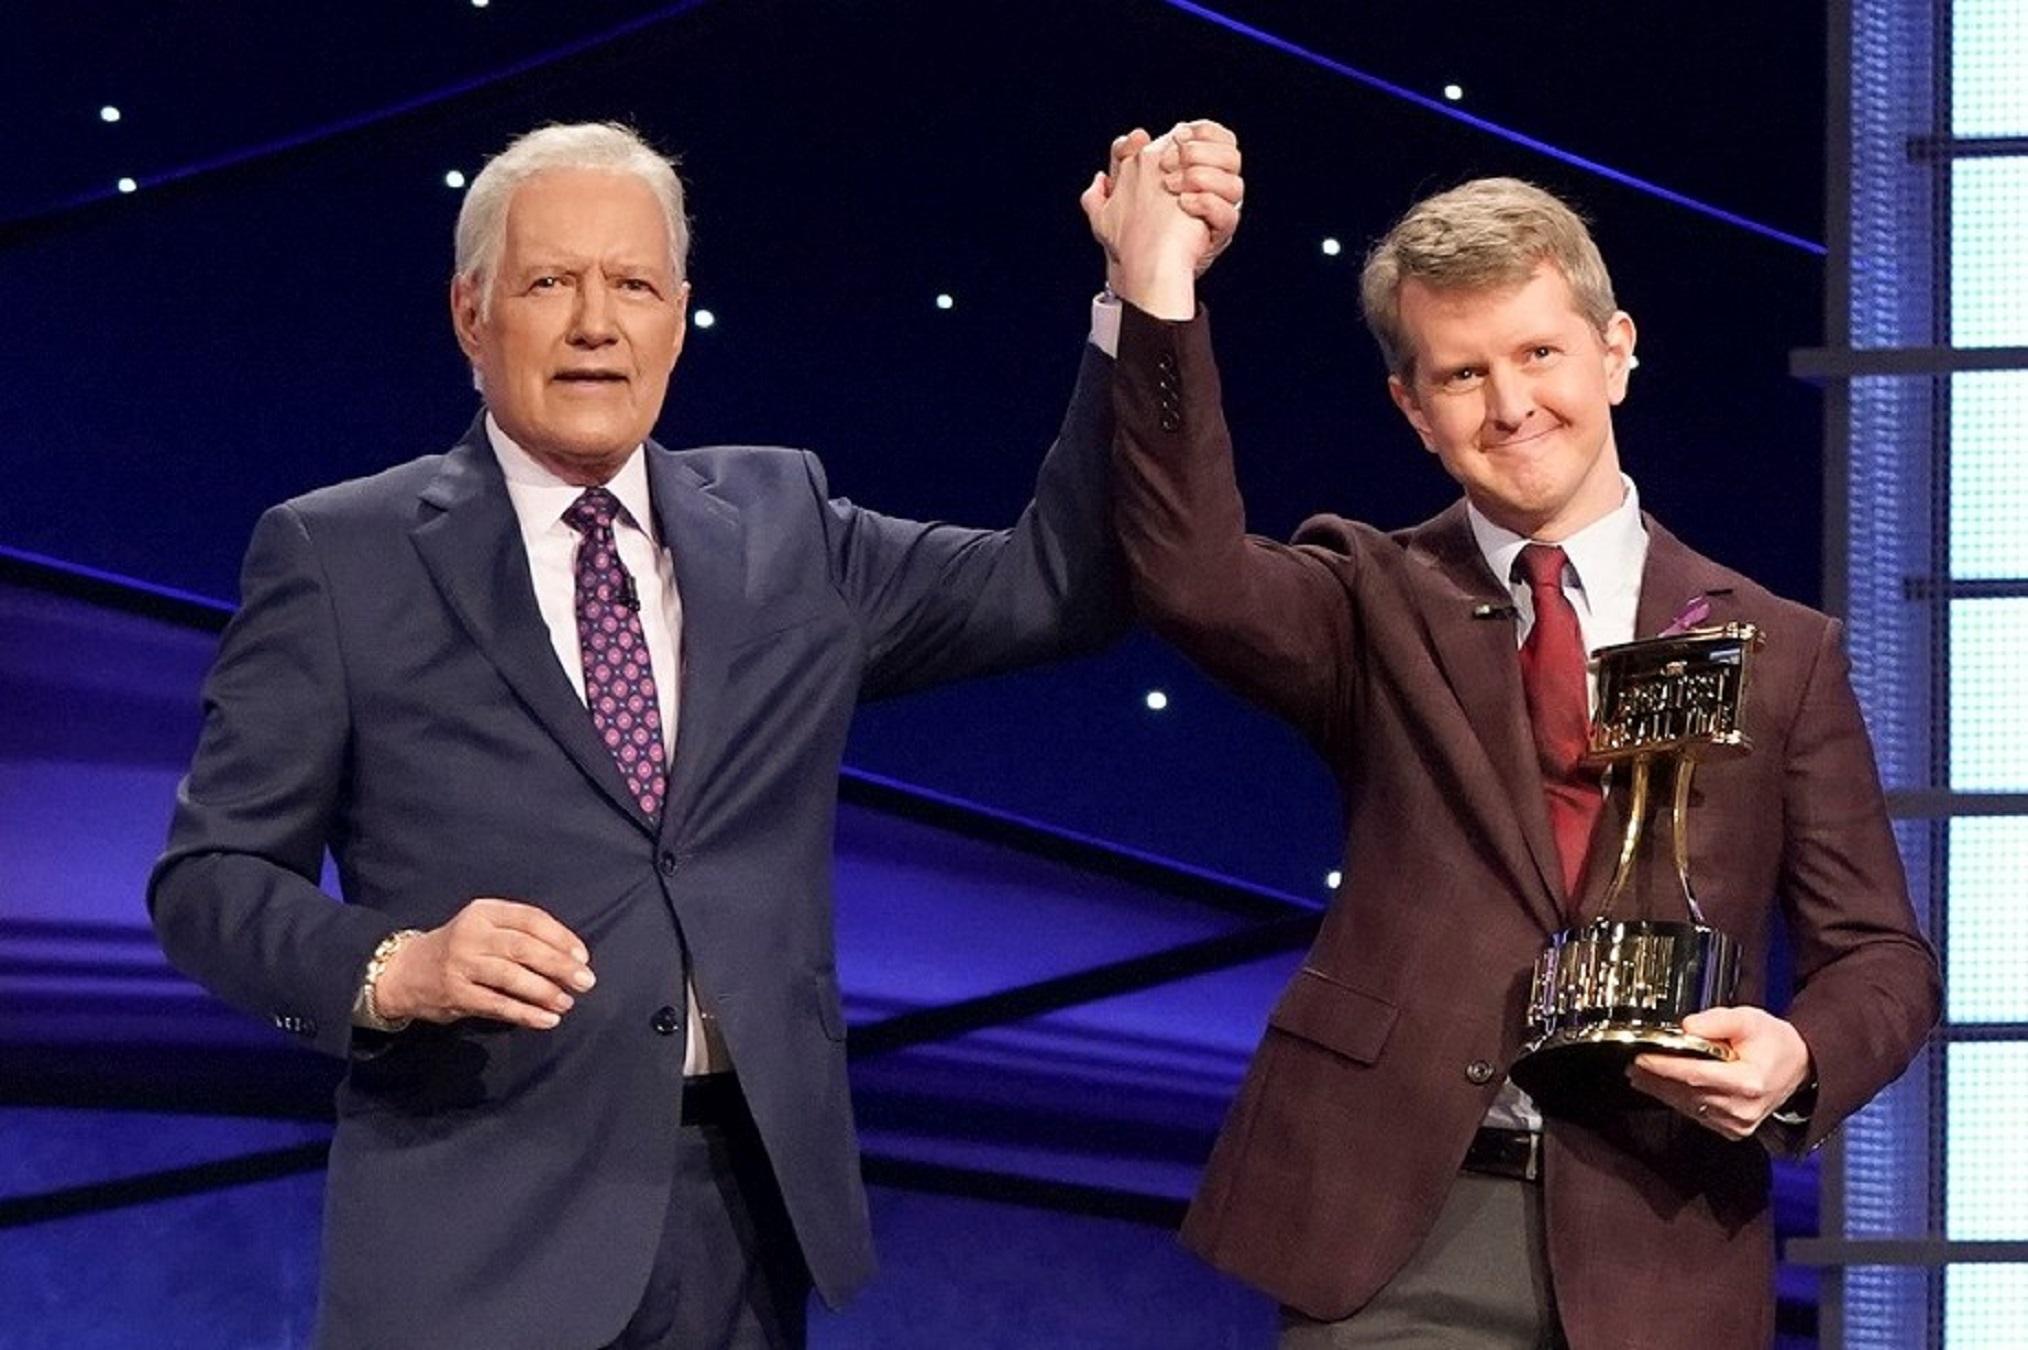 As 'Jeopardy!' guest host, Ken Jennings celebrities Alex Trebek in between 1st episode